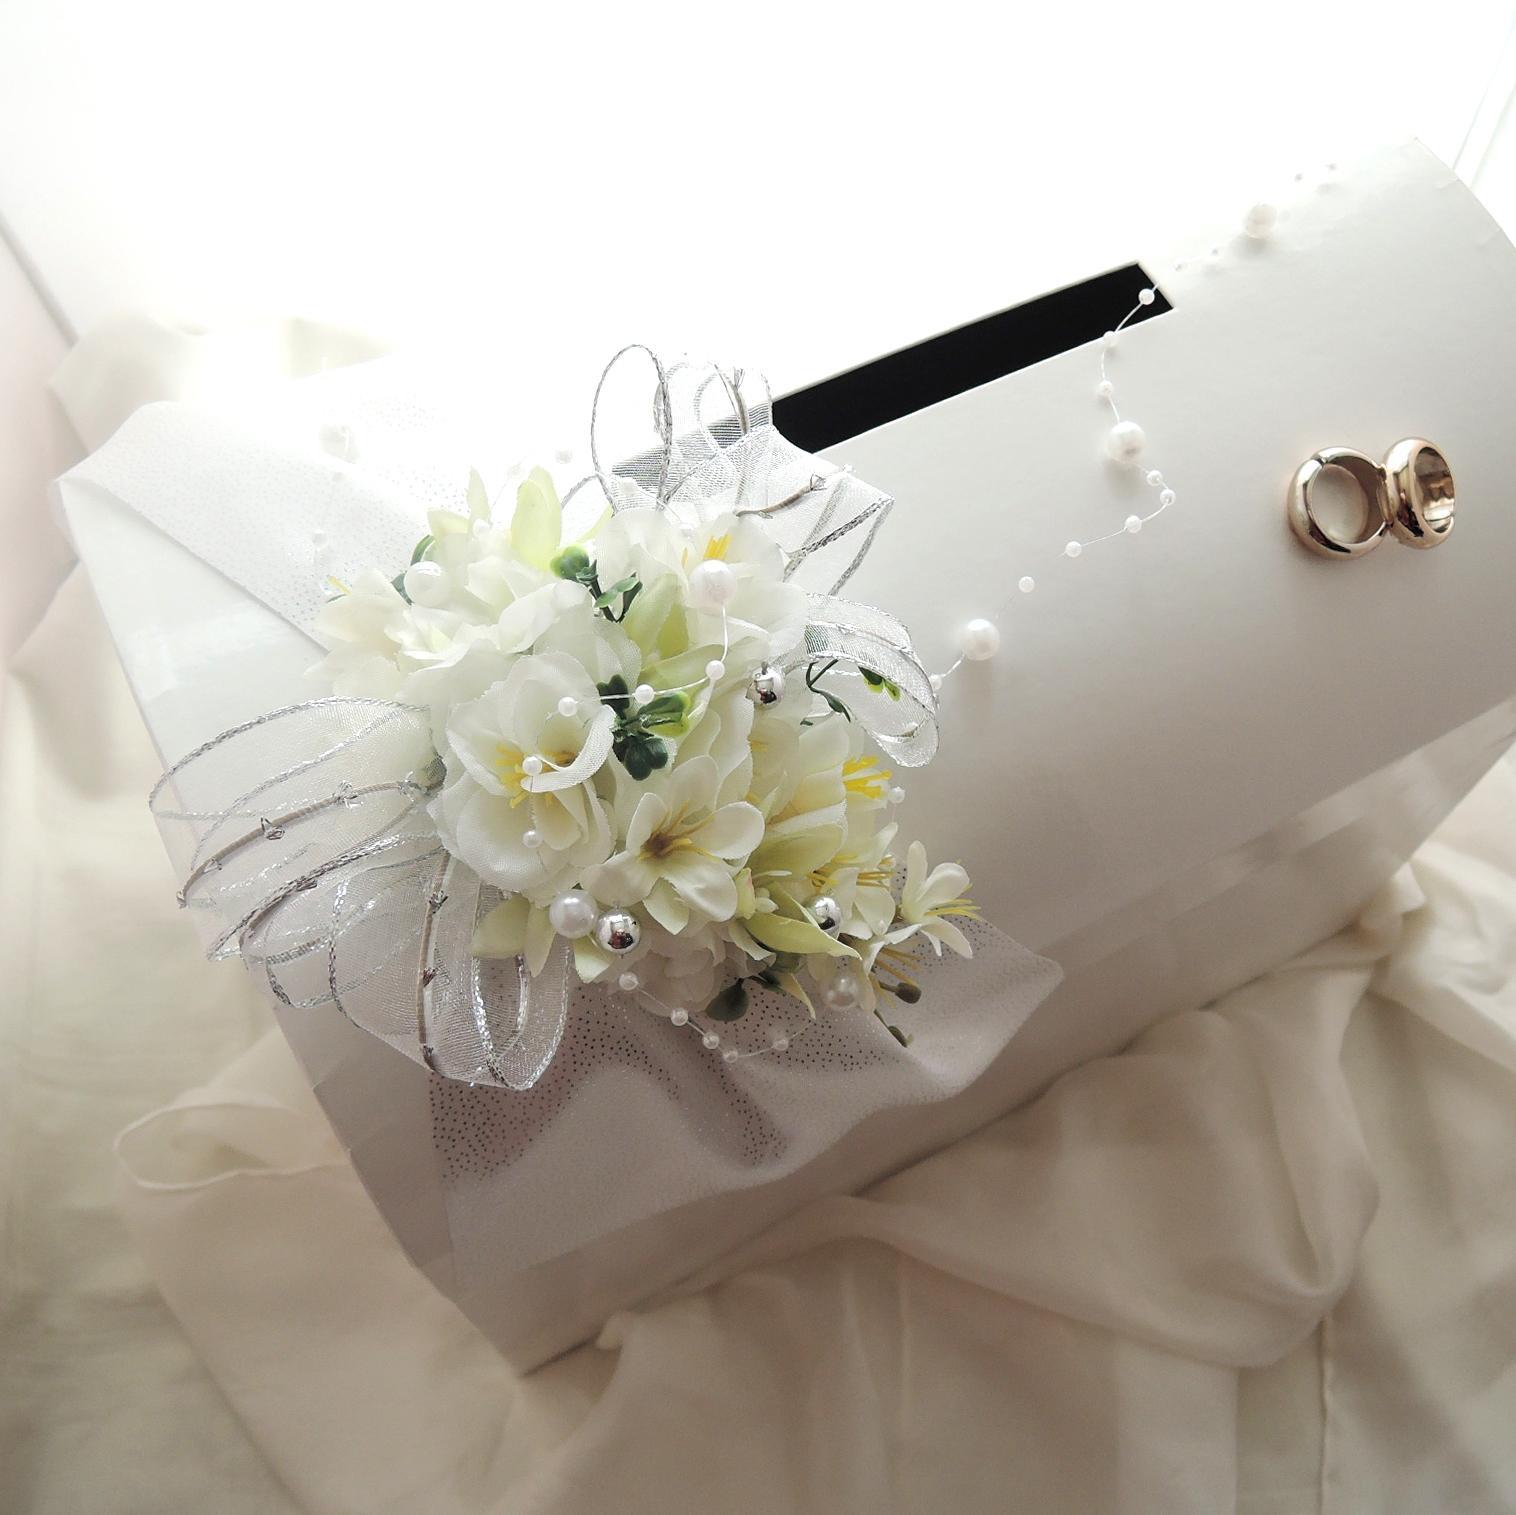 svatební pokladnička velká - stříbrná  pouze půjčení - Obrázek č. 2